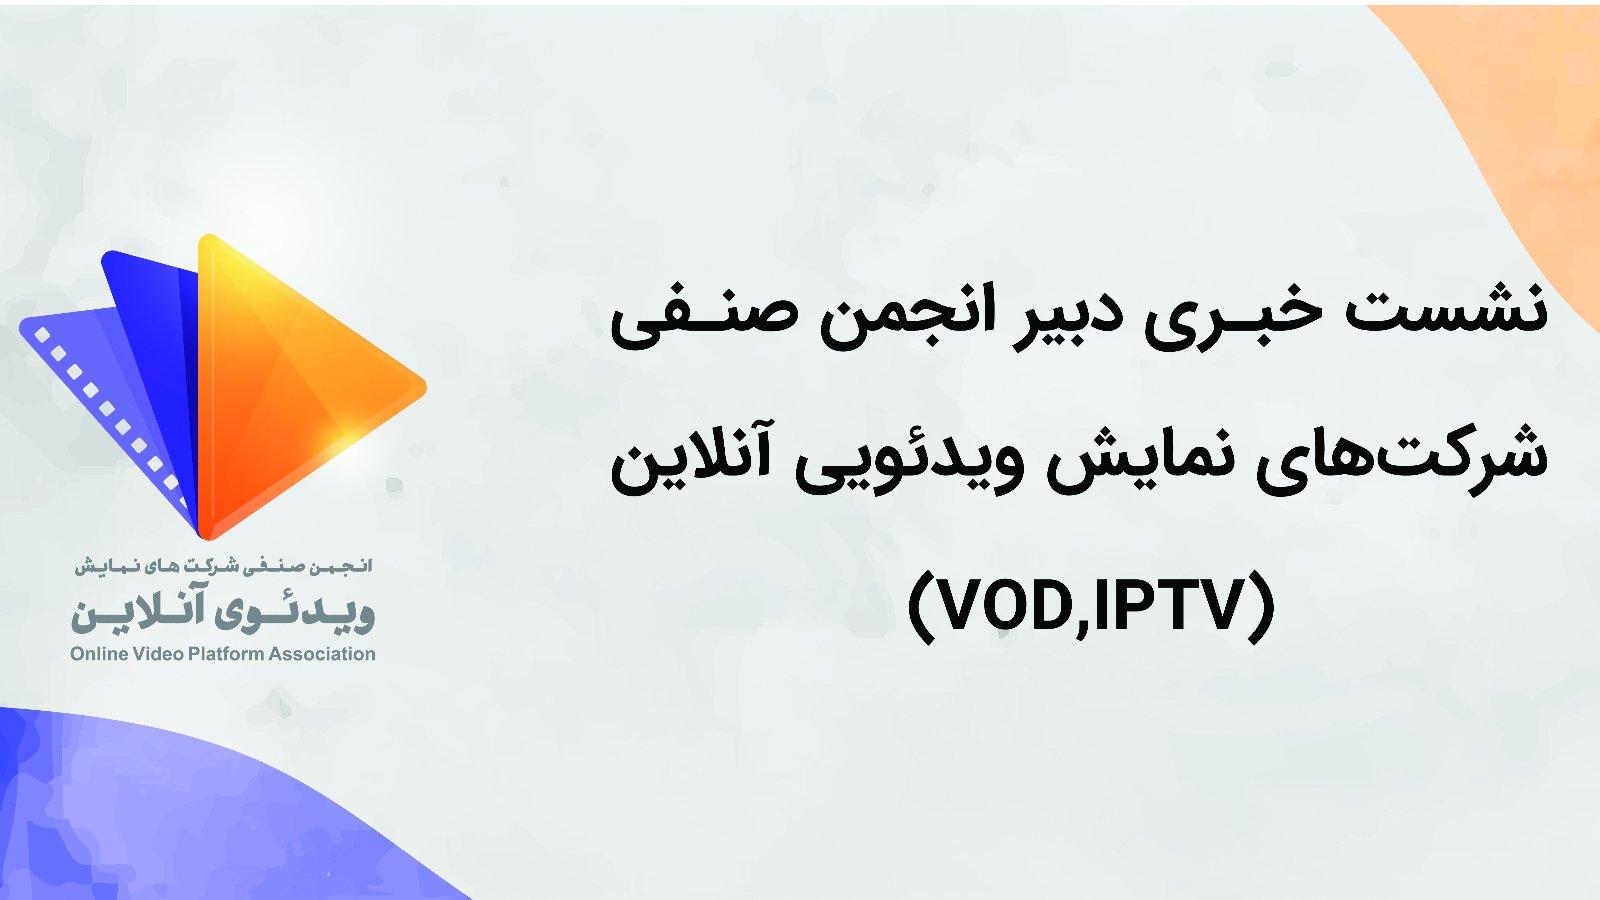 دبیر انجمن صنفی VOD ها: فعلا برای تغییر روند دریافت مجوز زورمان به ساترا نمیرسد